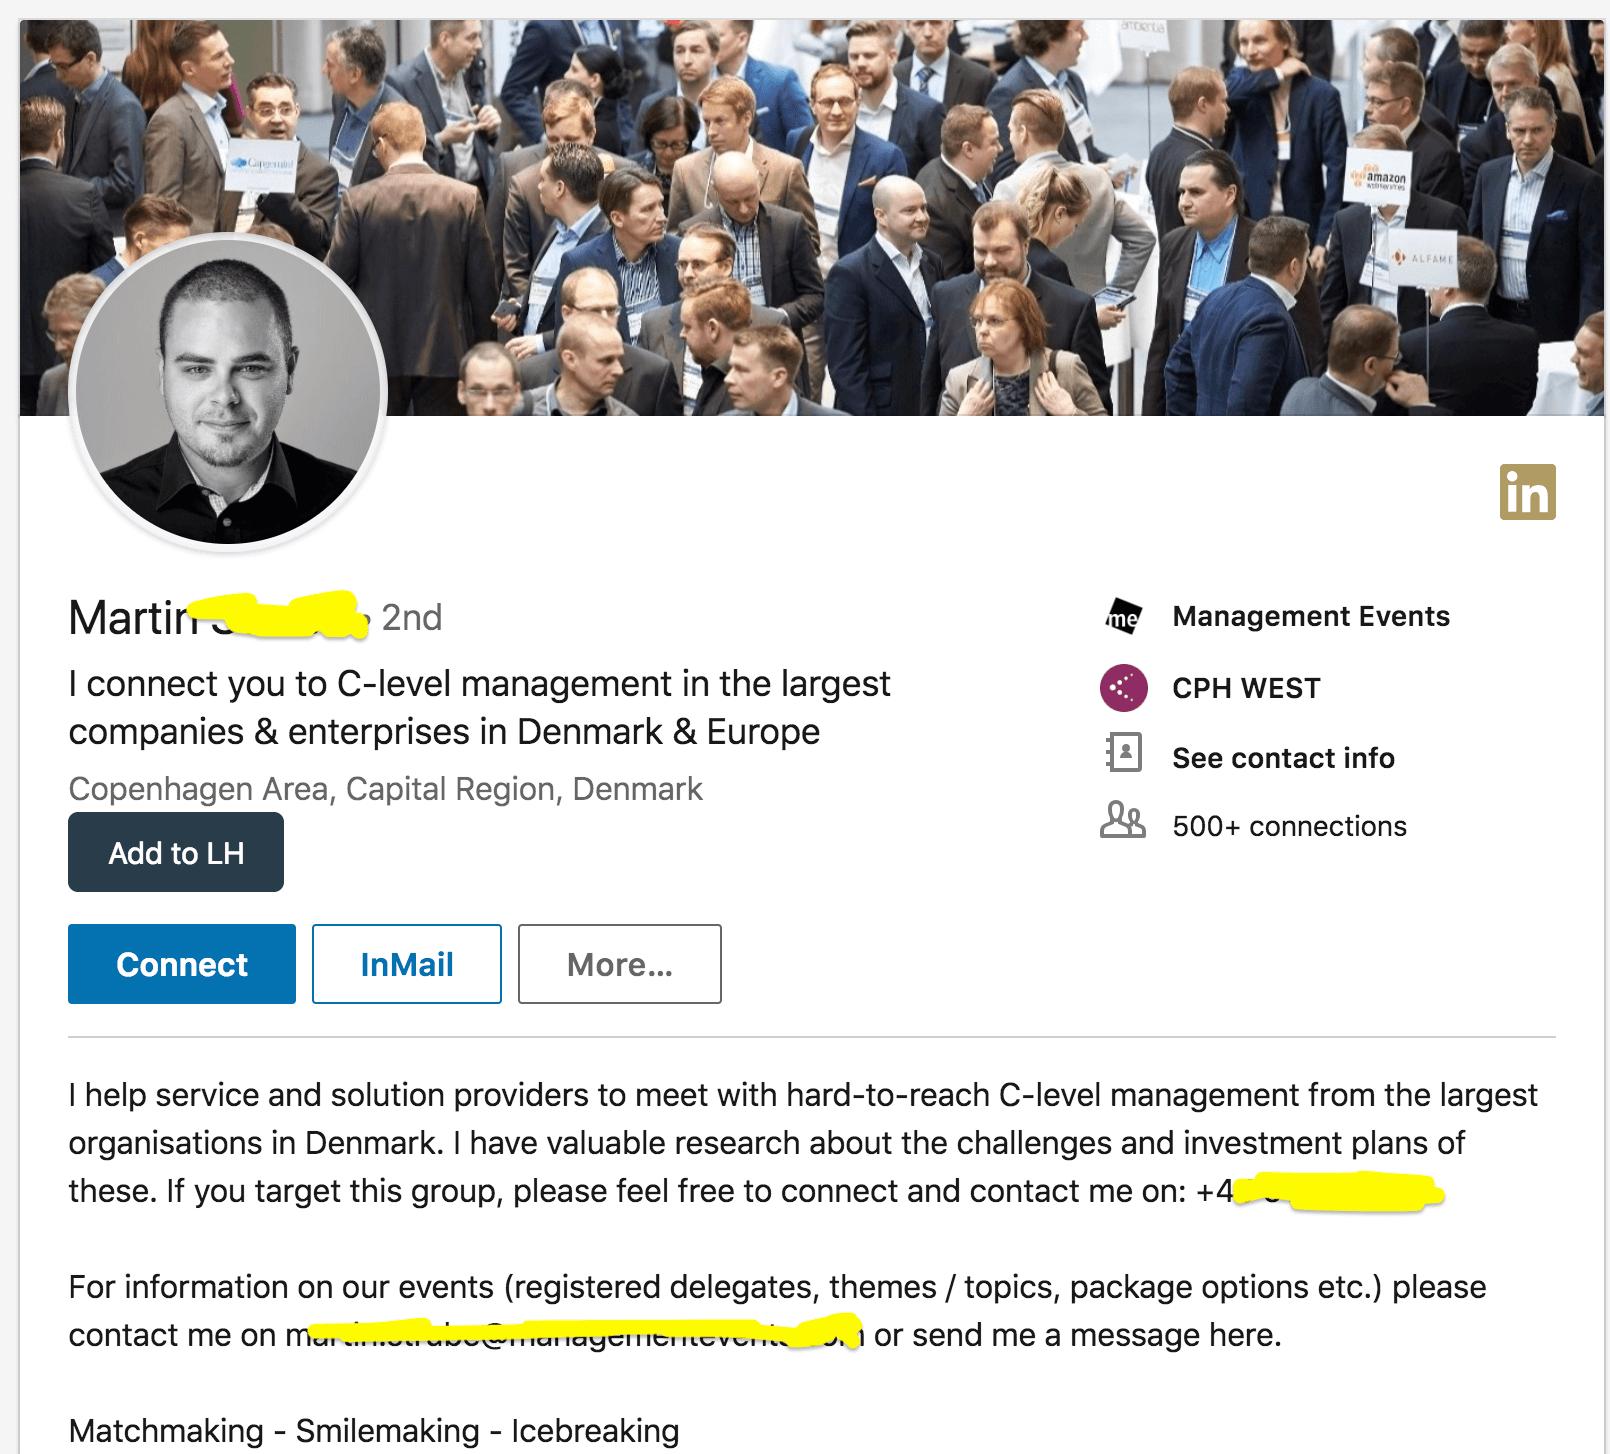 пример классного профиля в Linkedin